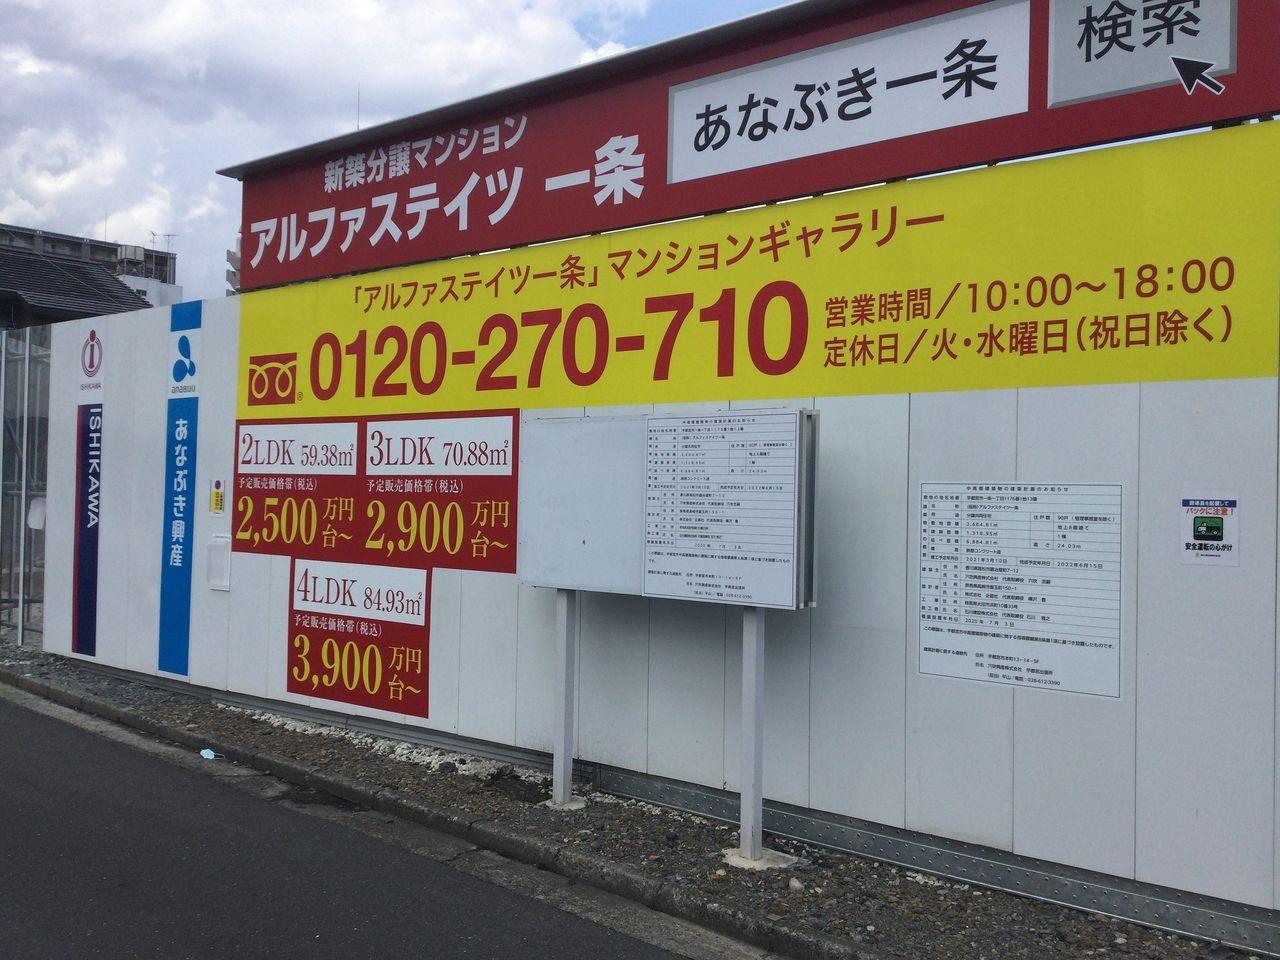 【2021年5月】完成予定順!宇都宮新築マンション情報!